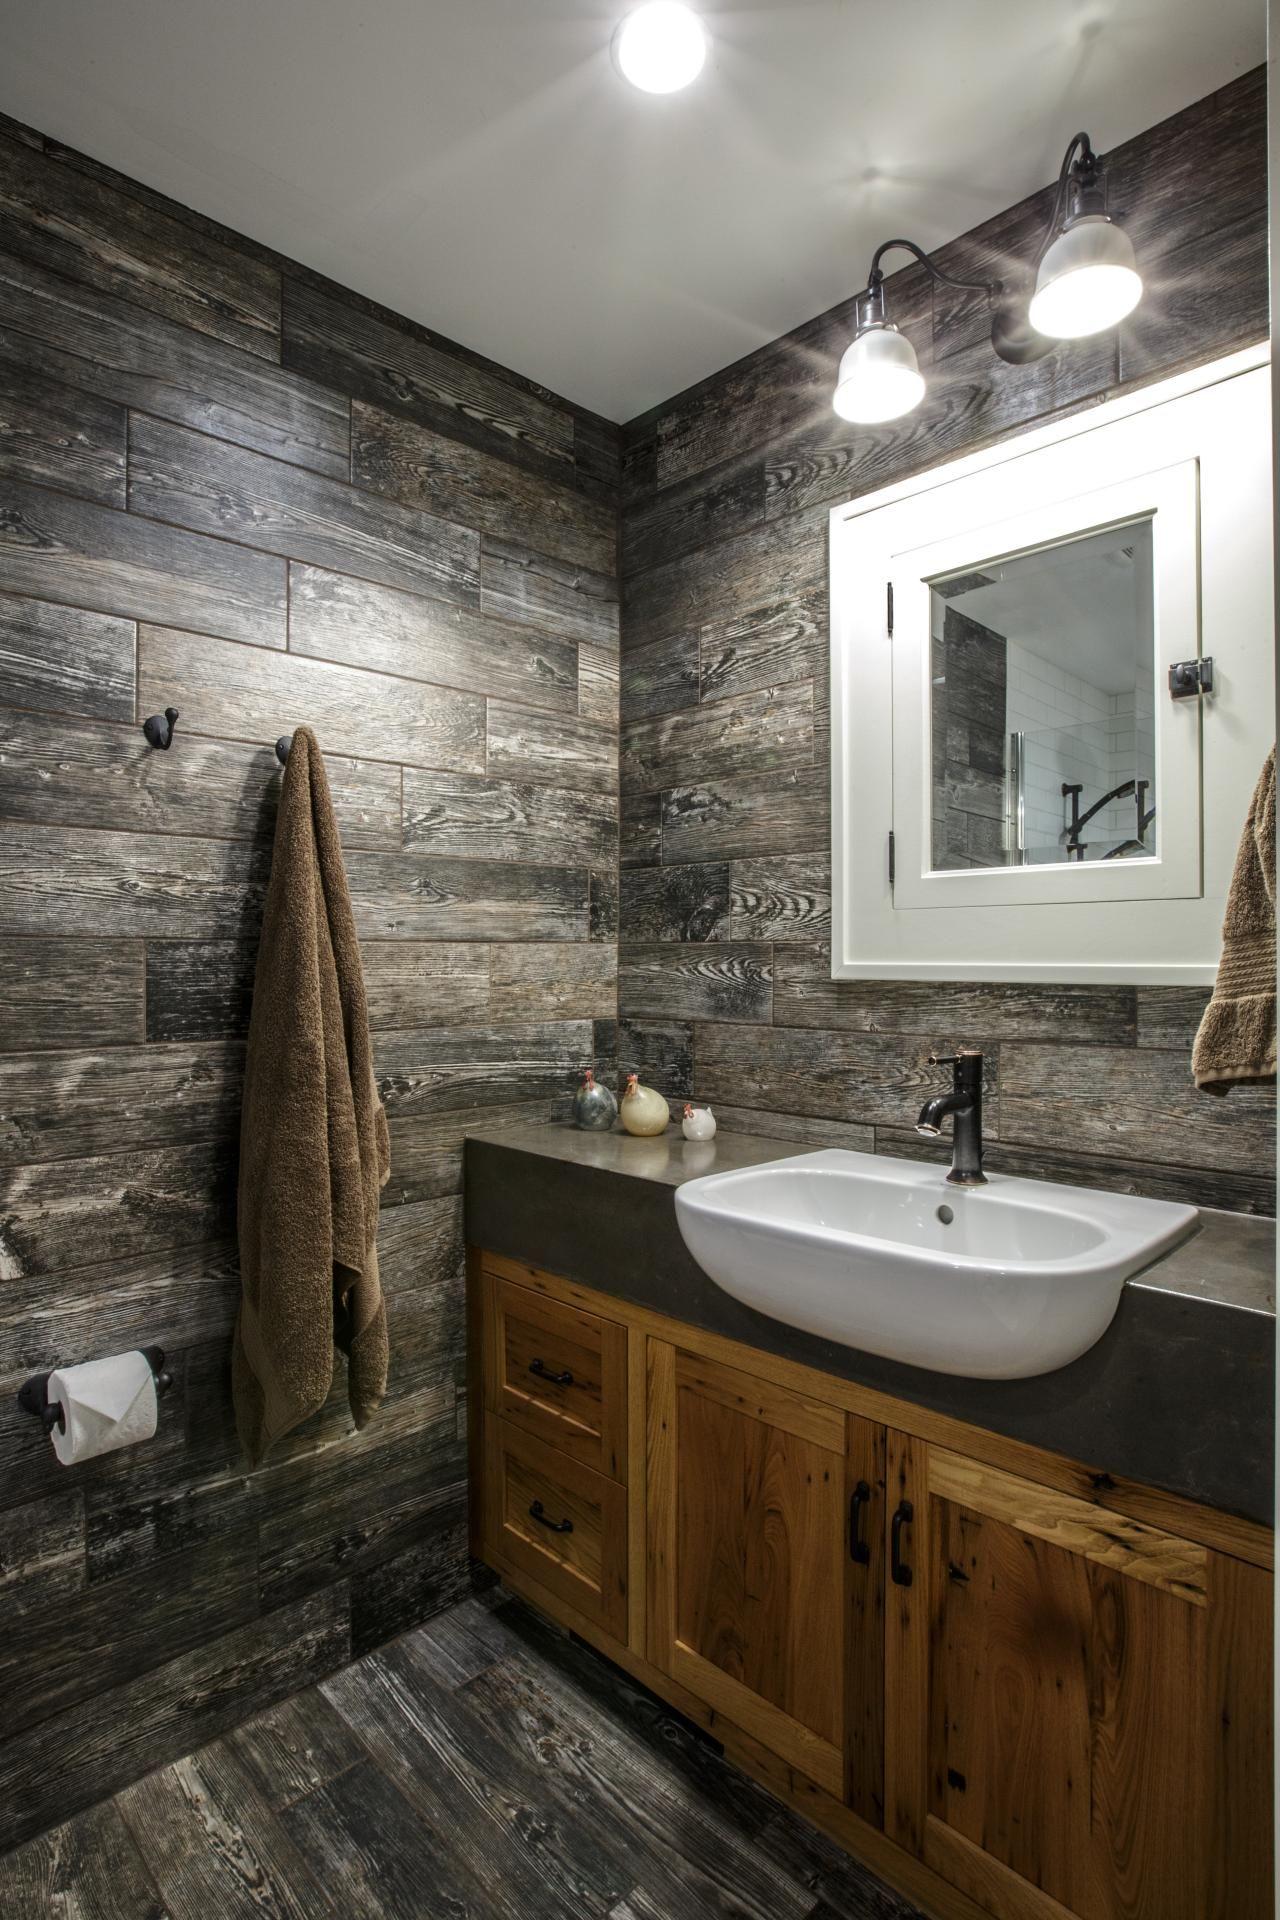 Rustic Bathroom Rustic Master Bathroom Rustic Bathrooms Rustic